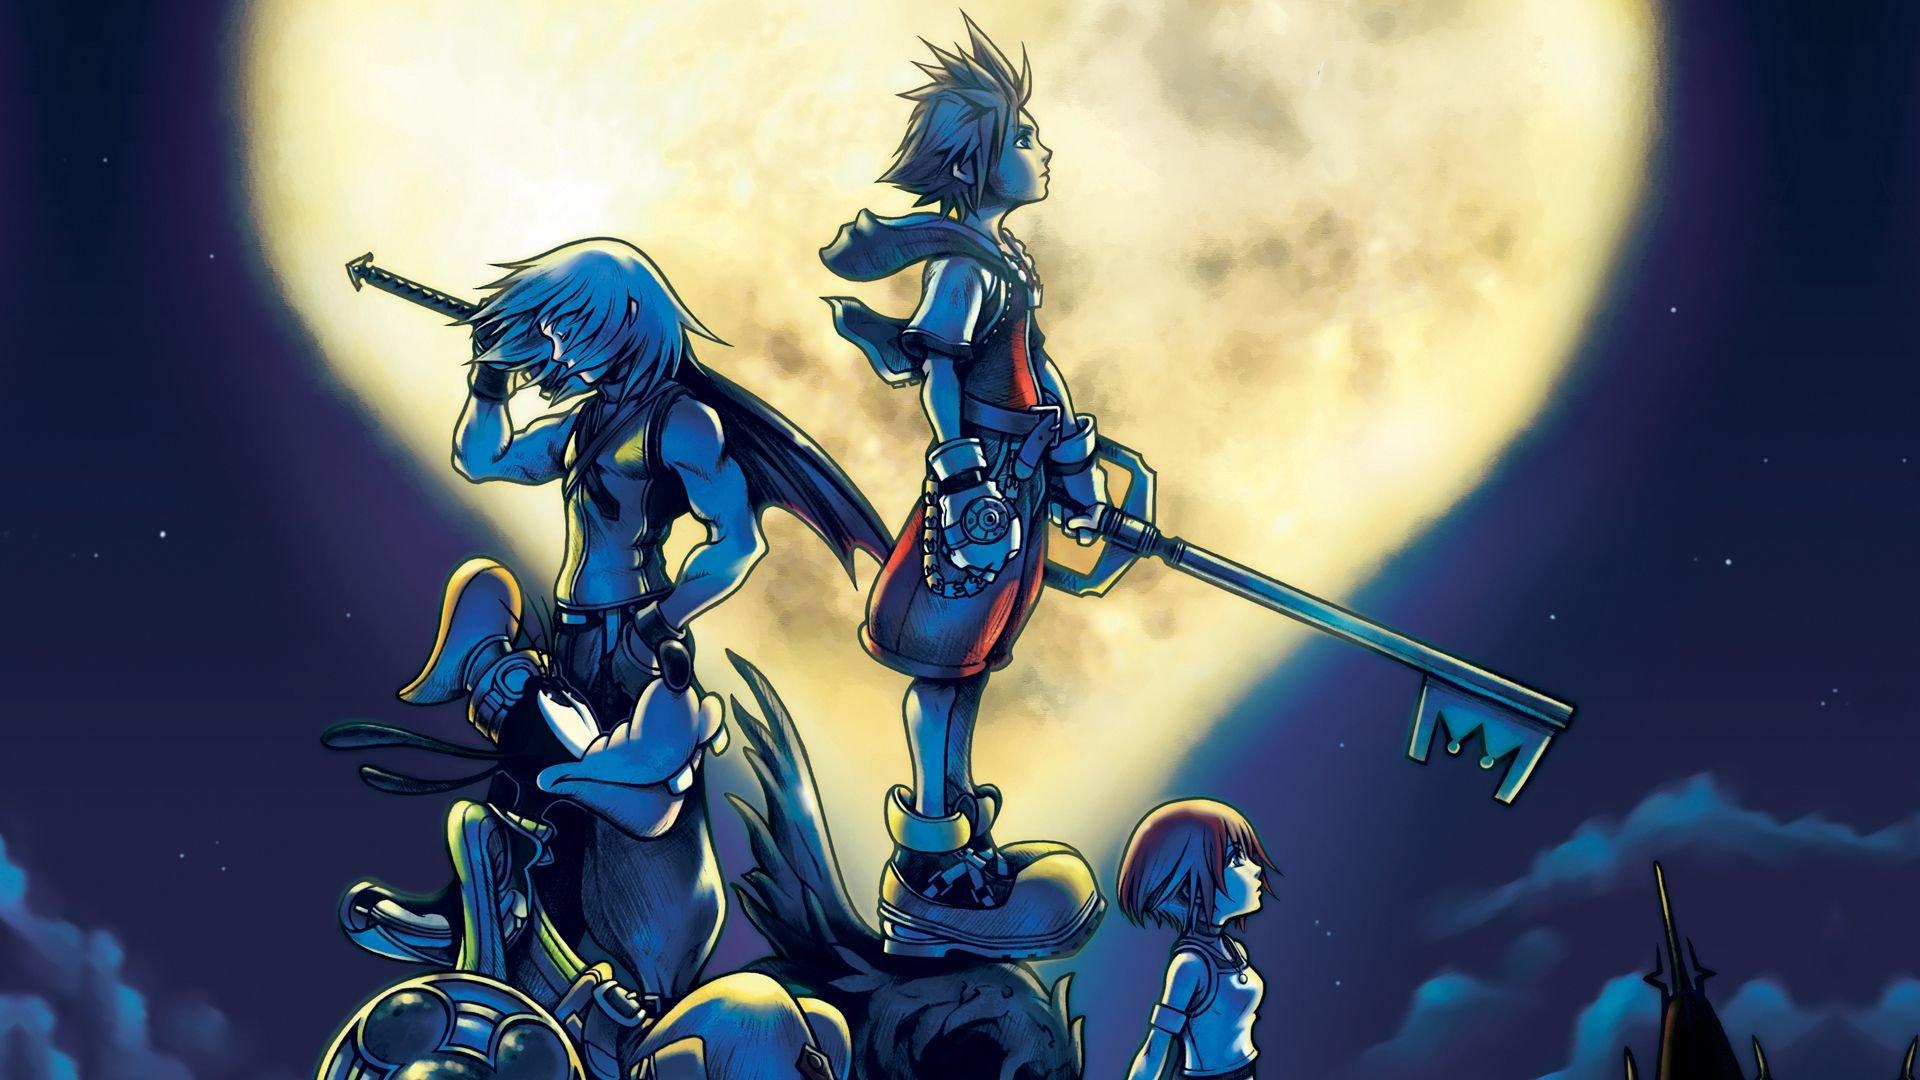 La chiave del cuore - la storia di Kingdom Hearts